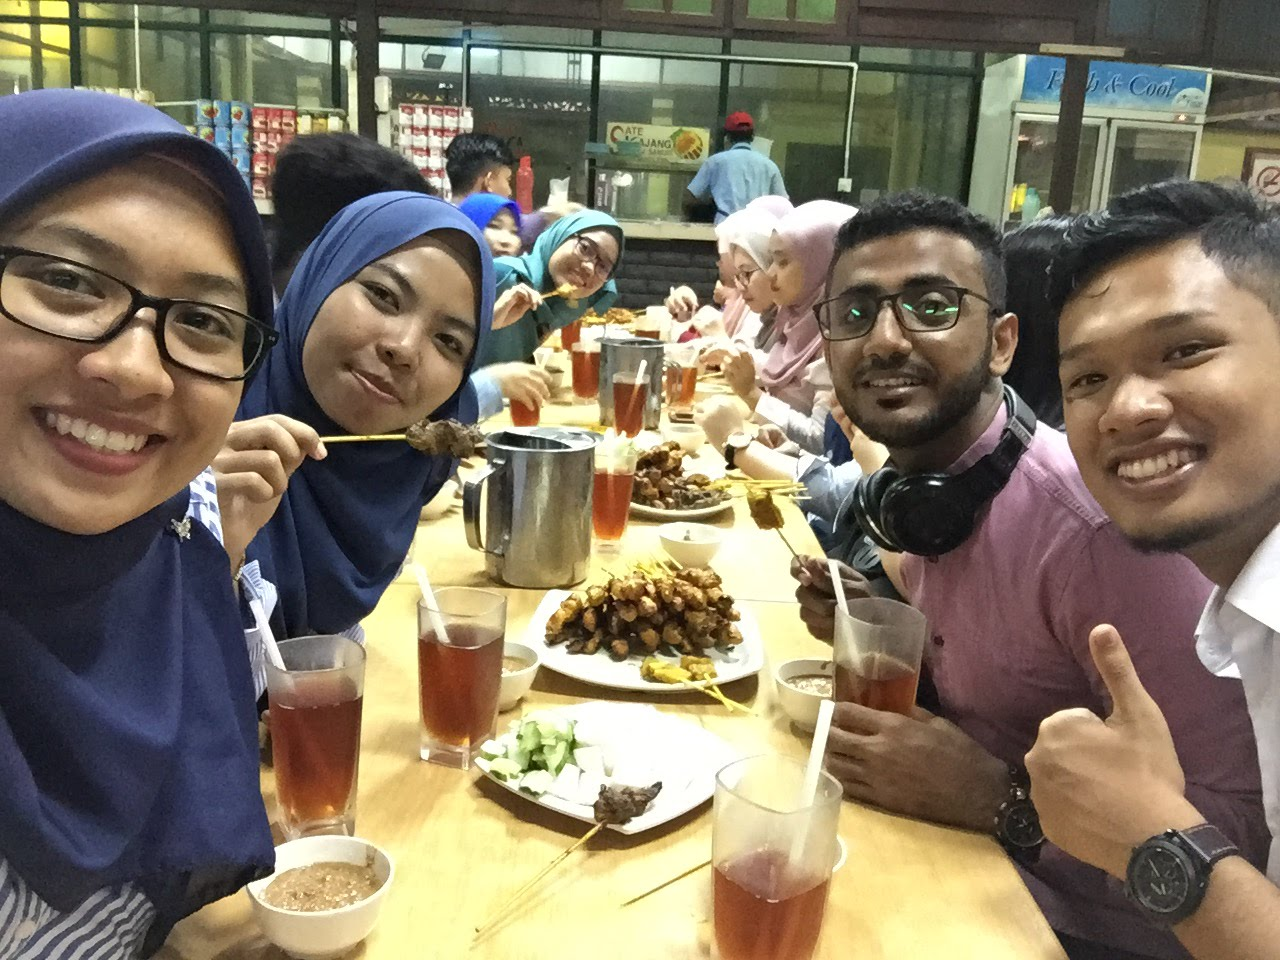 Sate Kajang Hj. Samuri - Kajang, Selangor